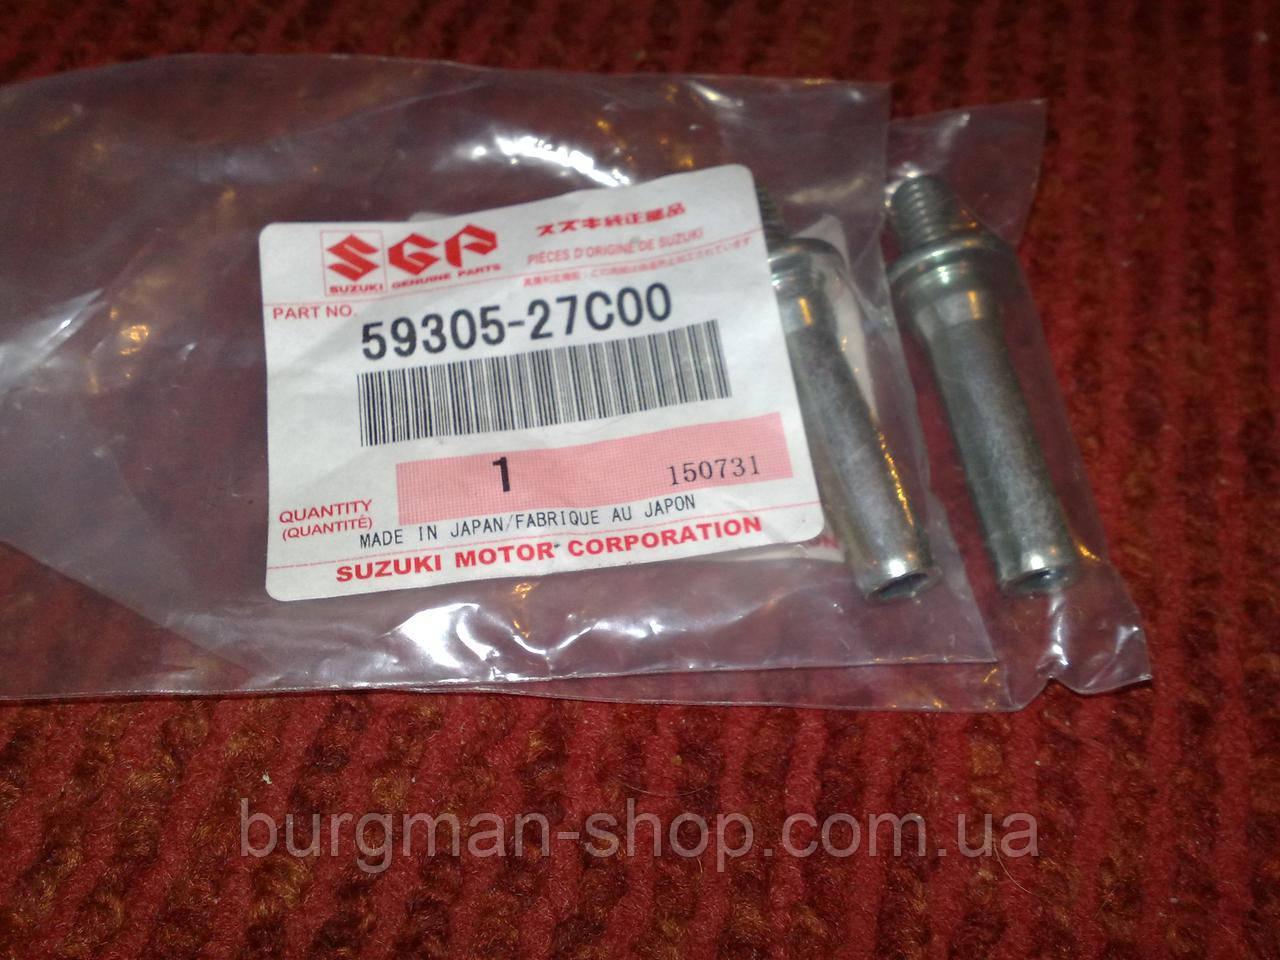 Передняя направляющая заднего суппорта Suzuki Burgman SkyWave 59305-27C00